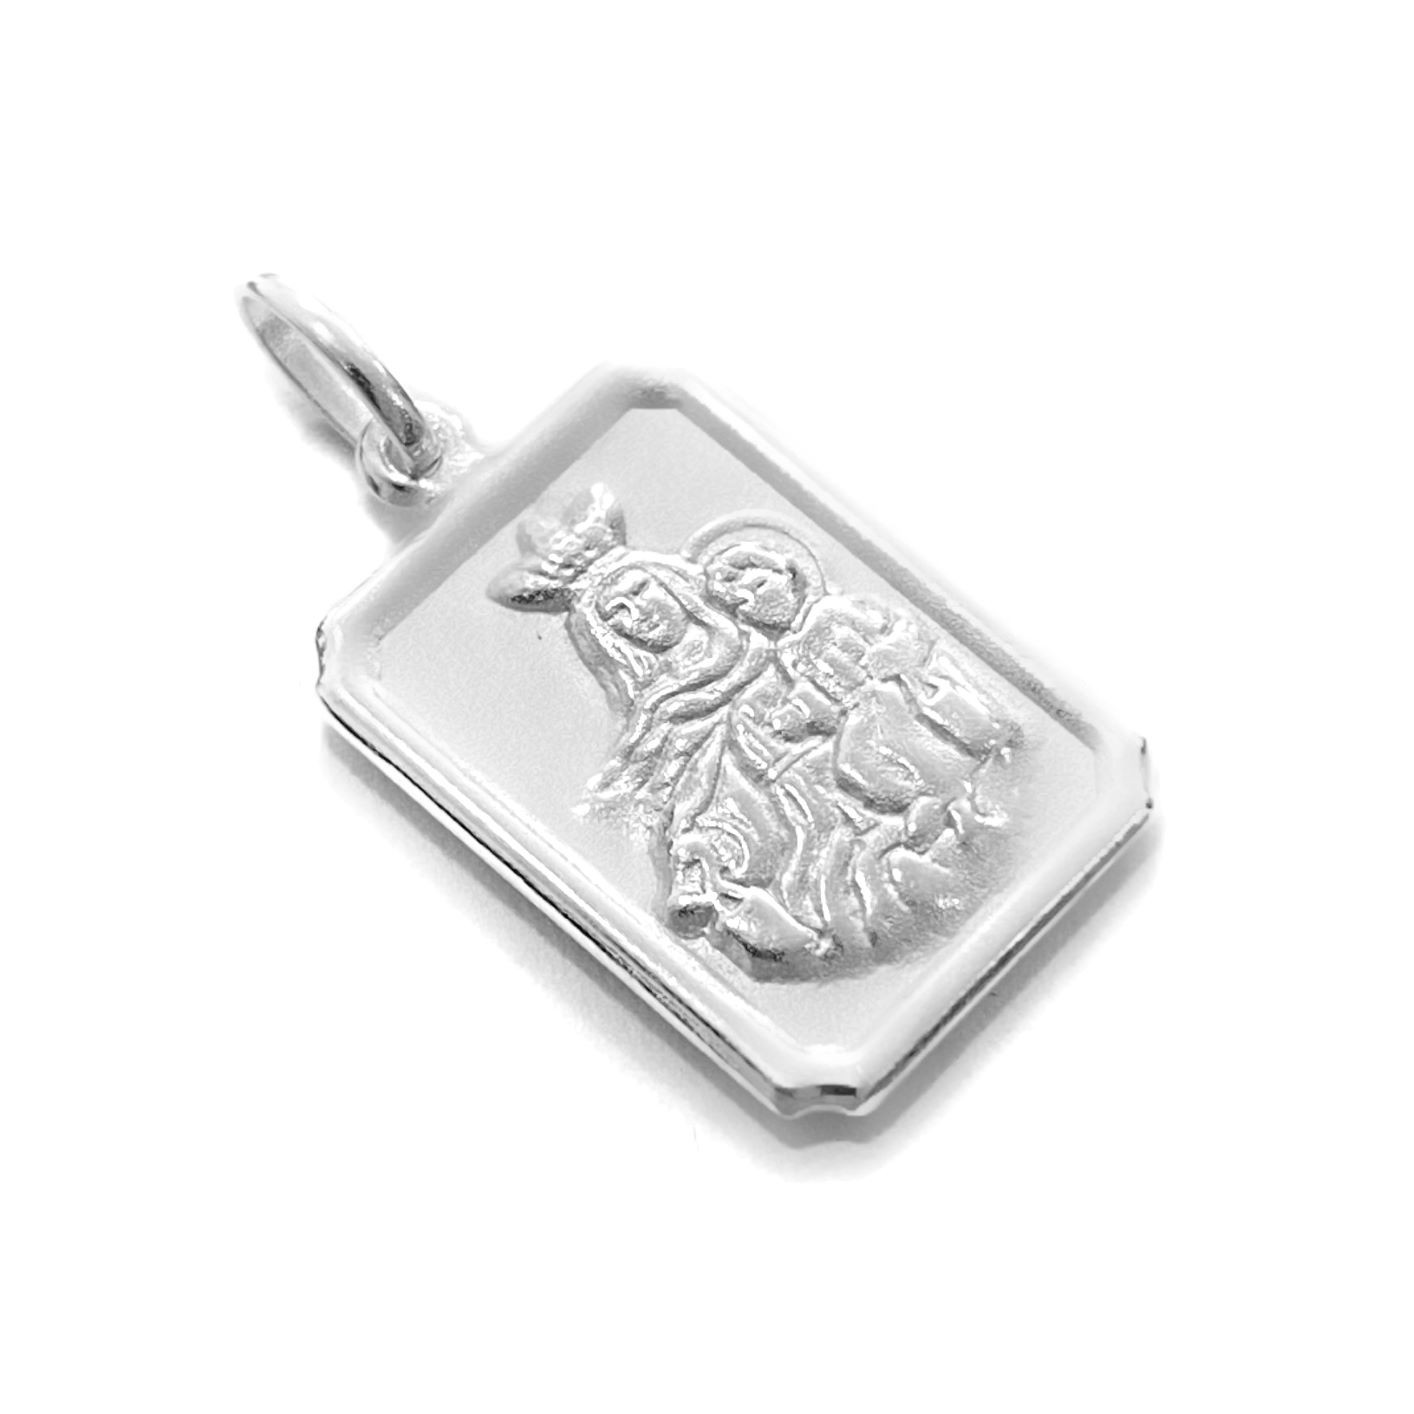 Pingente Placa Nossa Senhora do Carmo 1,7cm X 1,1cm (Prata 925 Italiana)